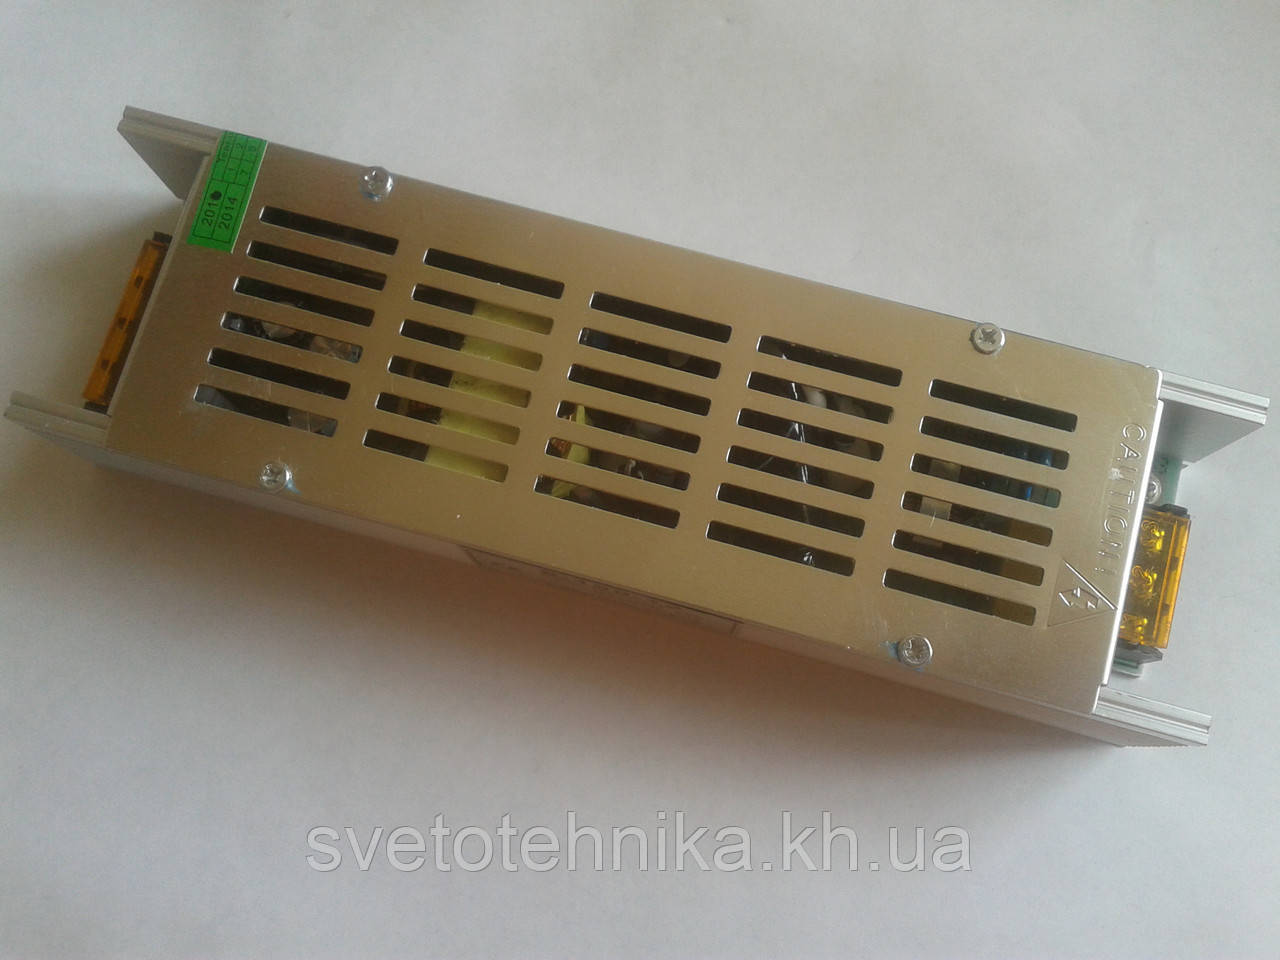 Блок питания понижающий для светодиодных лент 12V 120Вт мини 10A